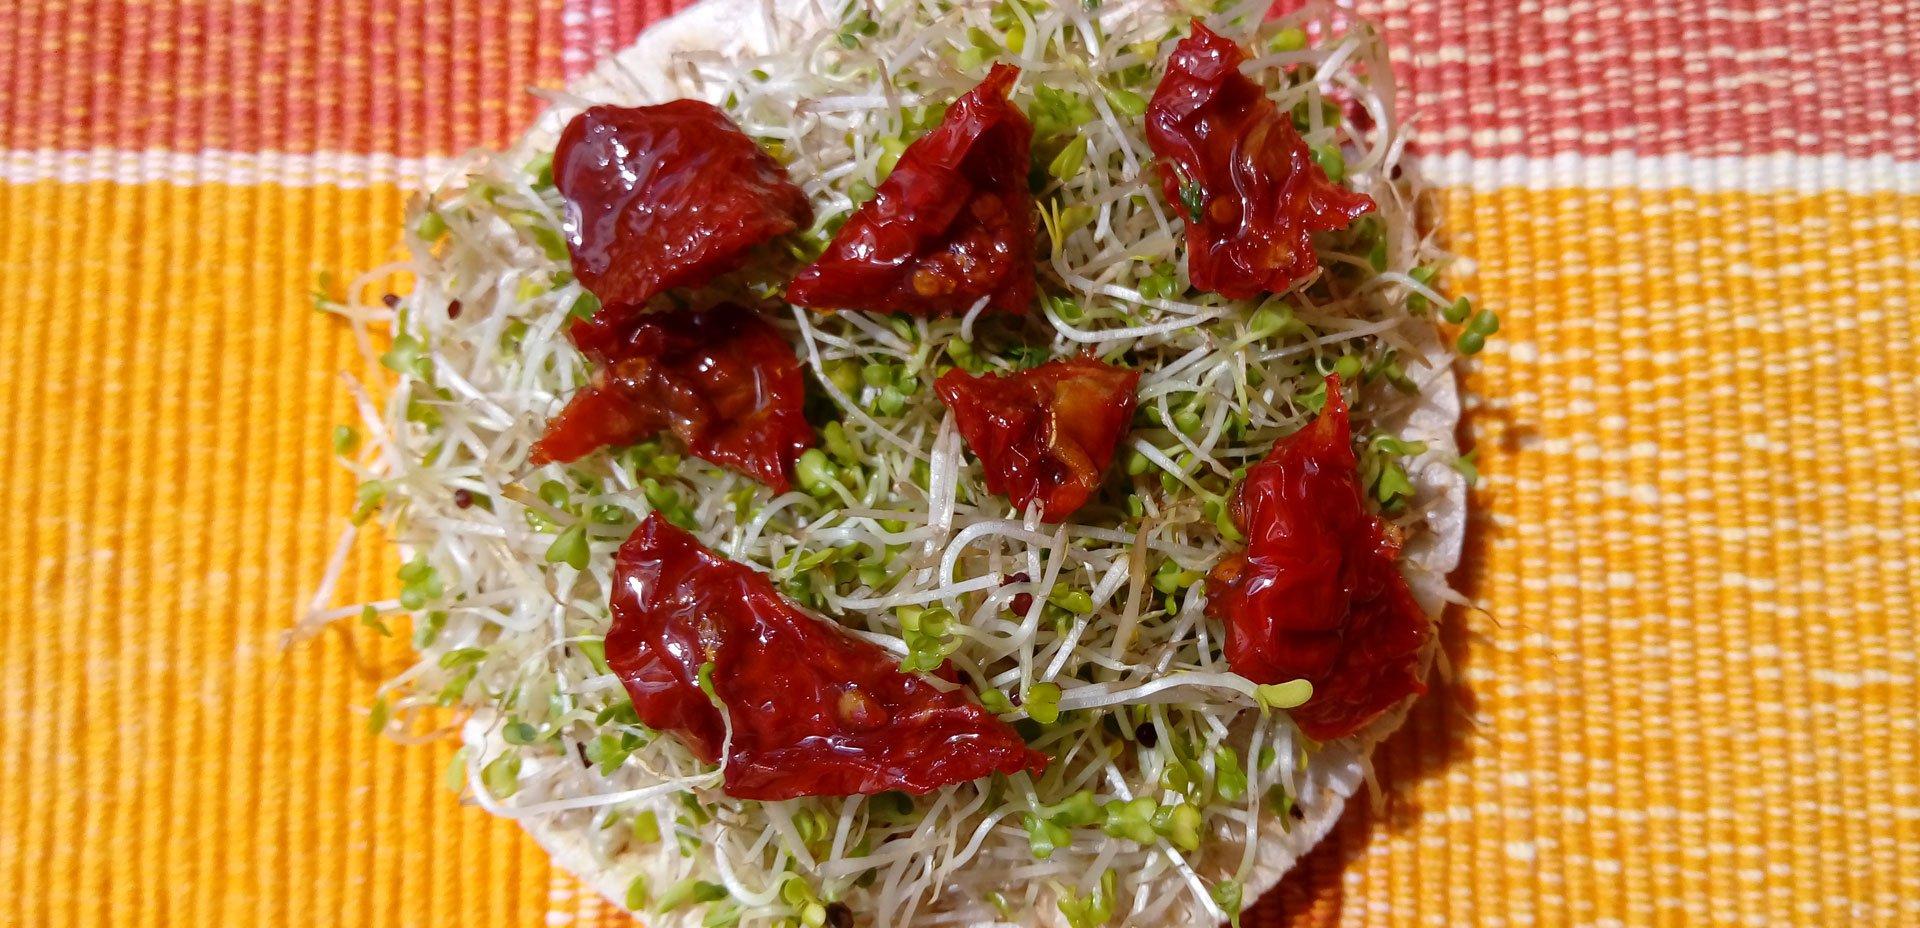 galletta di riso e germogli